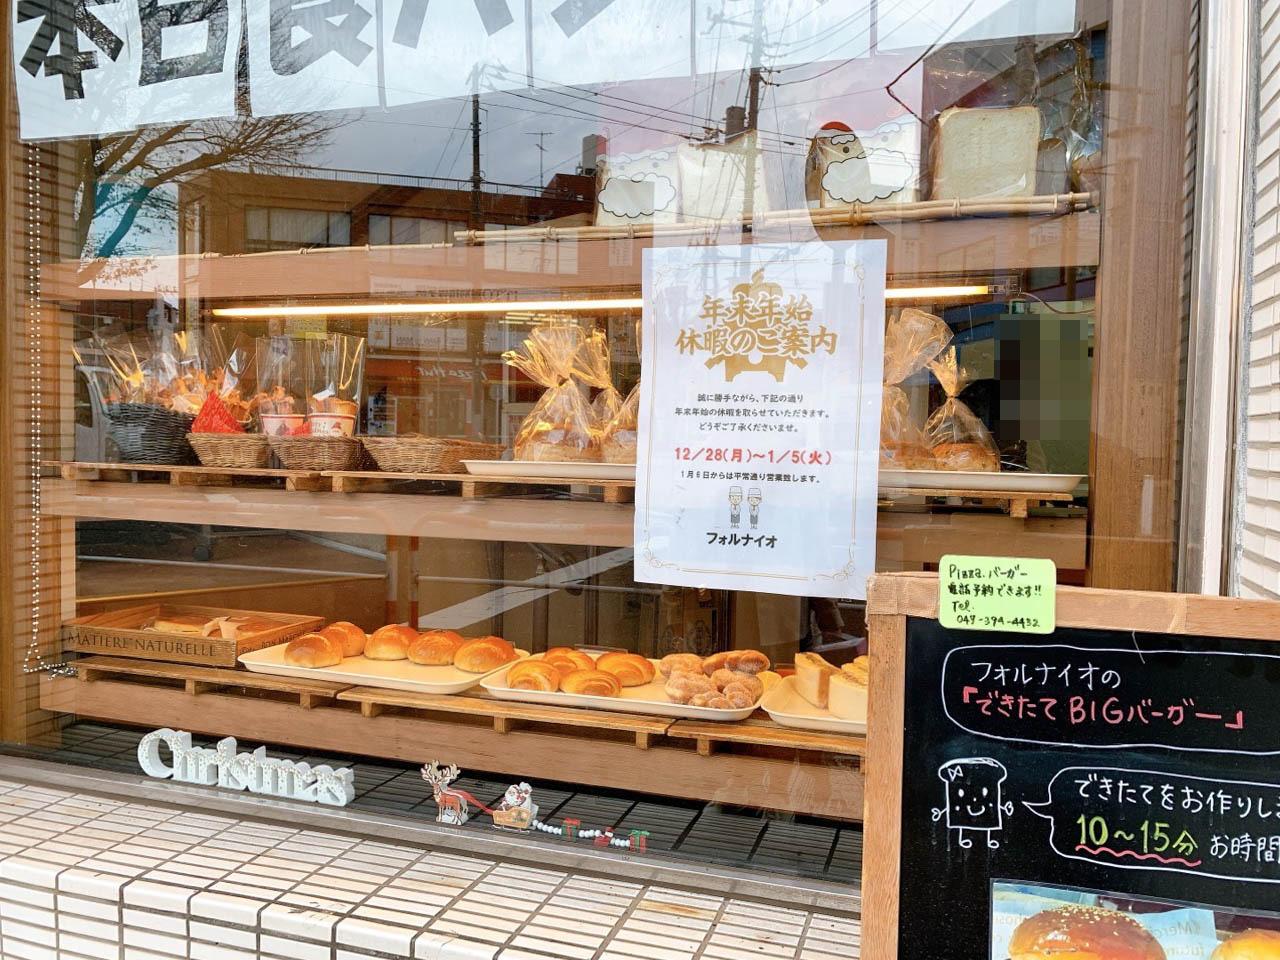 石窯ピッツァとパン工房 フォルナイオの雰囲気